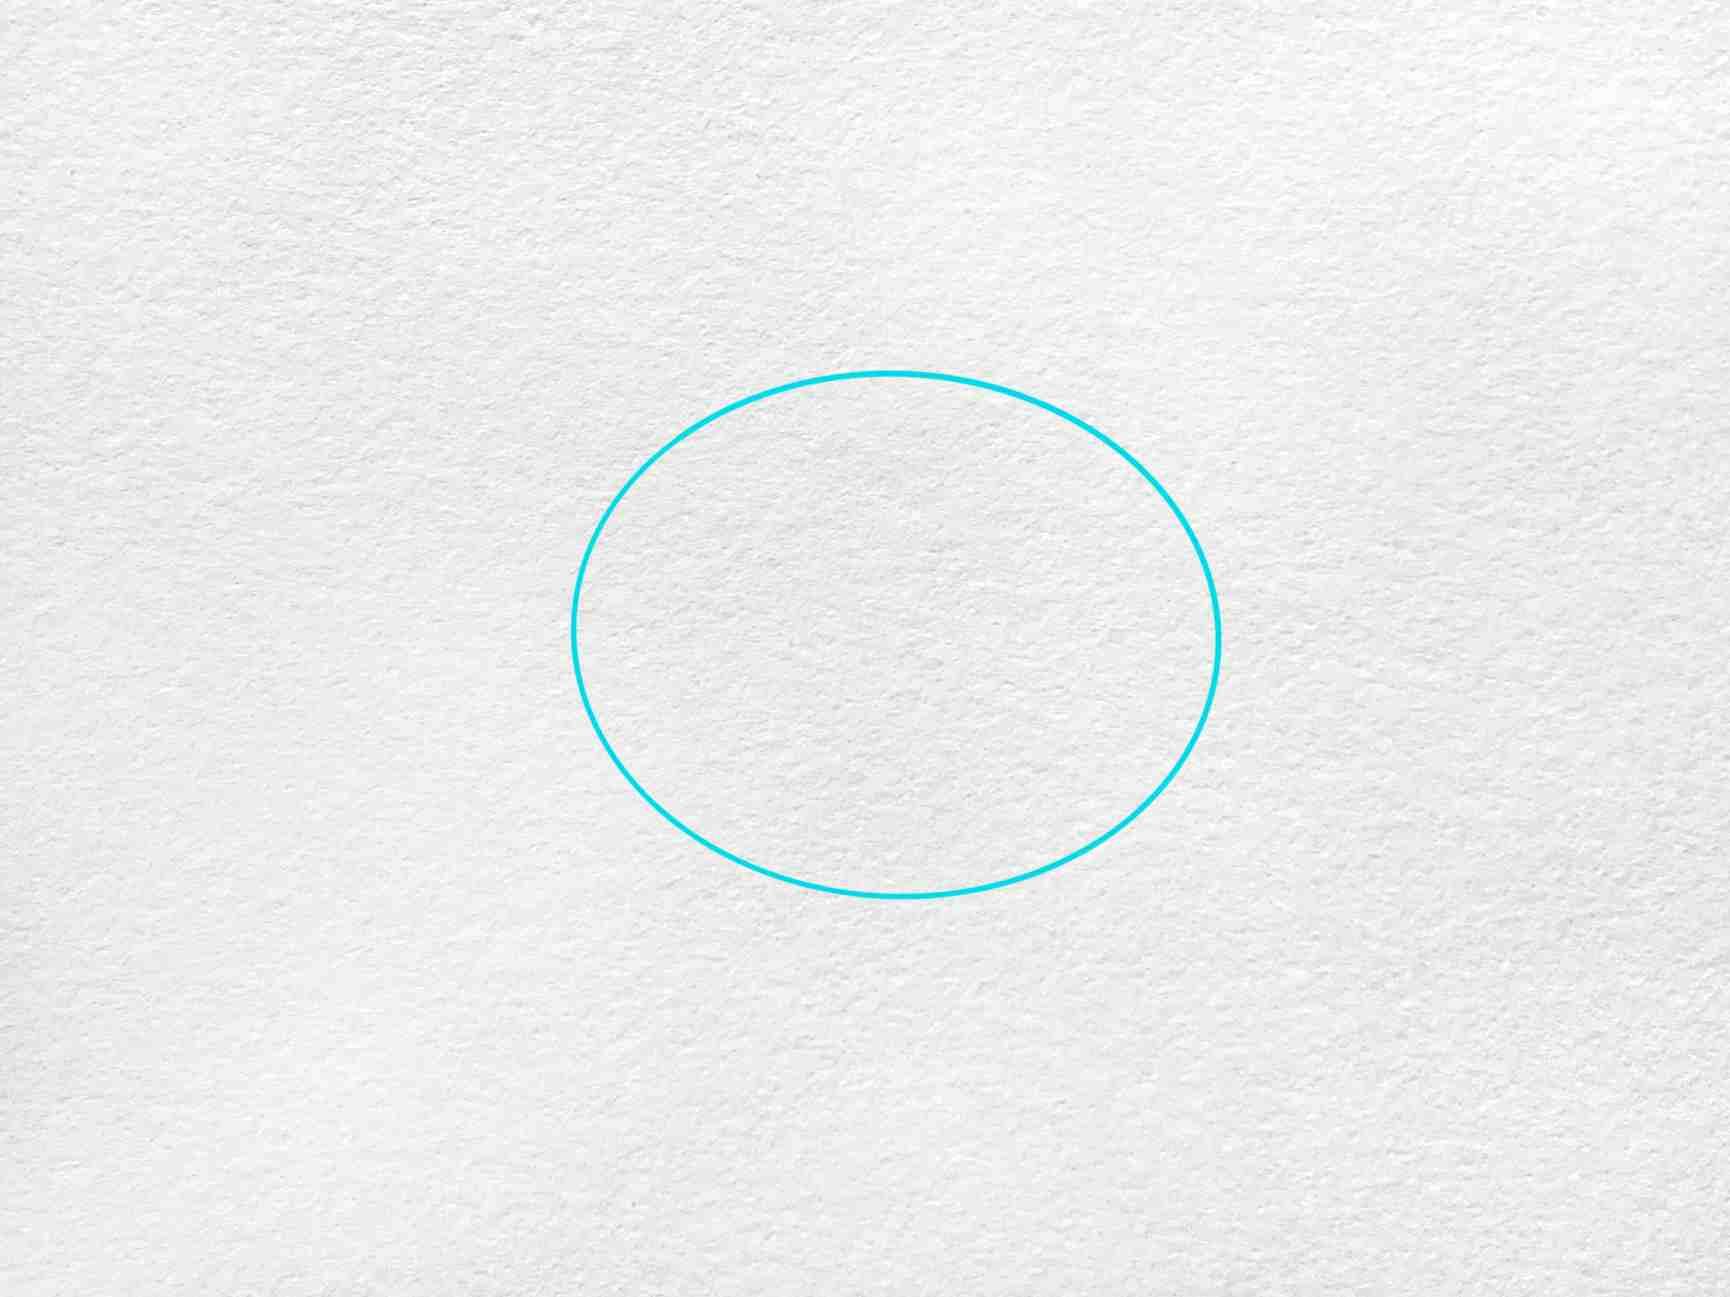 Manta Ray Drawing: Step 1